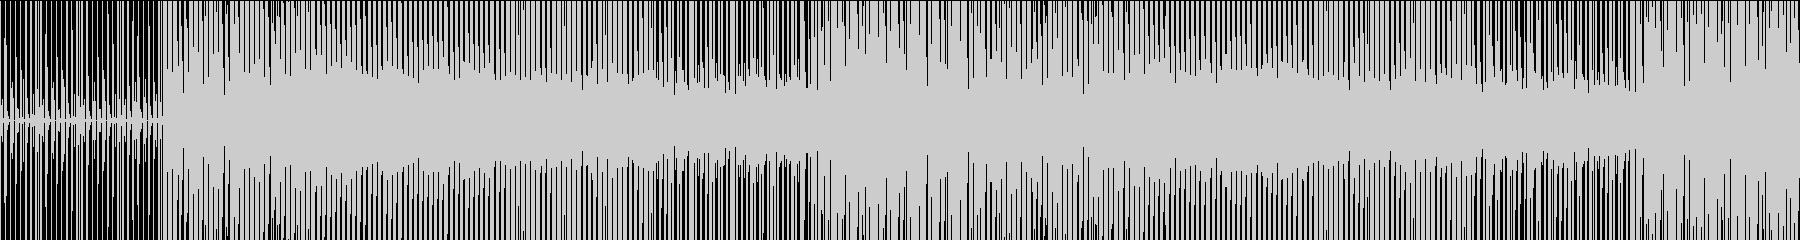 4小節のラップバトル3の未再生の波形